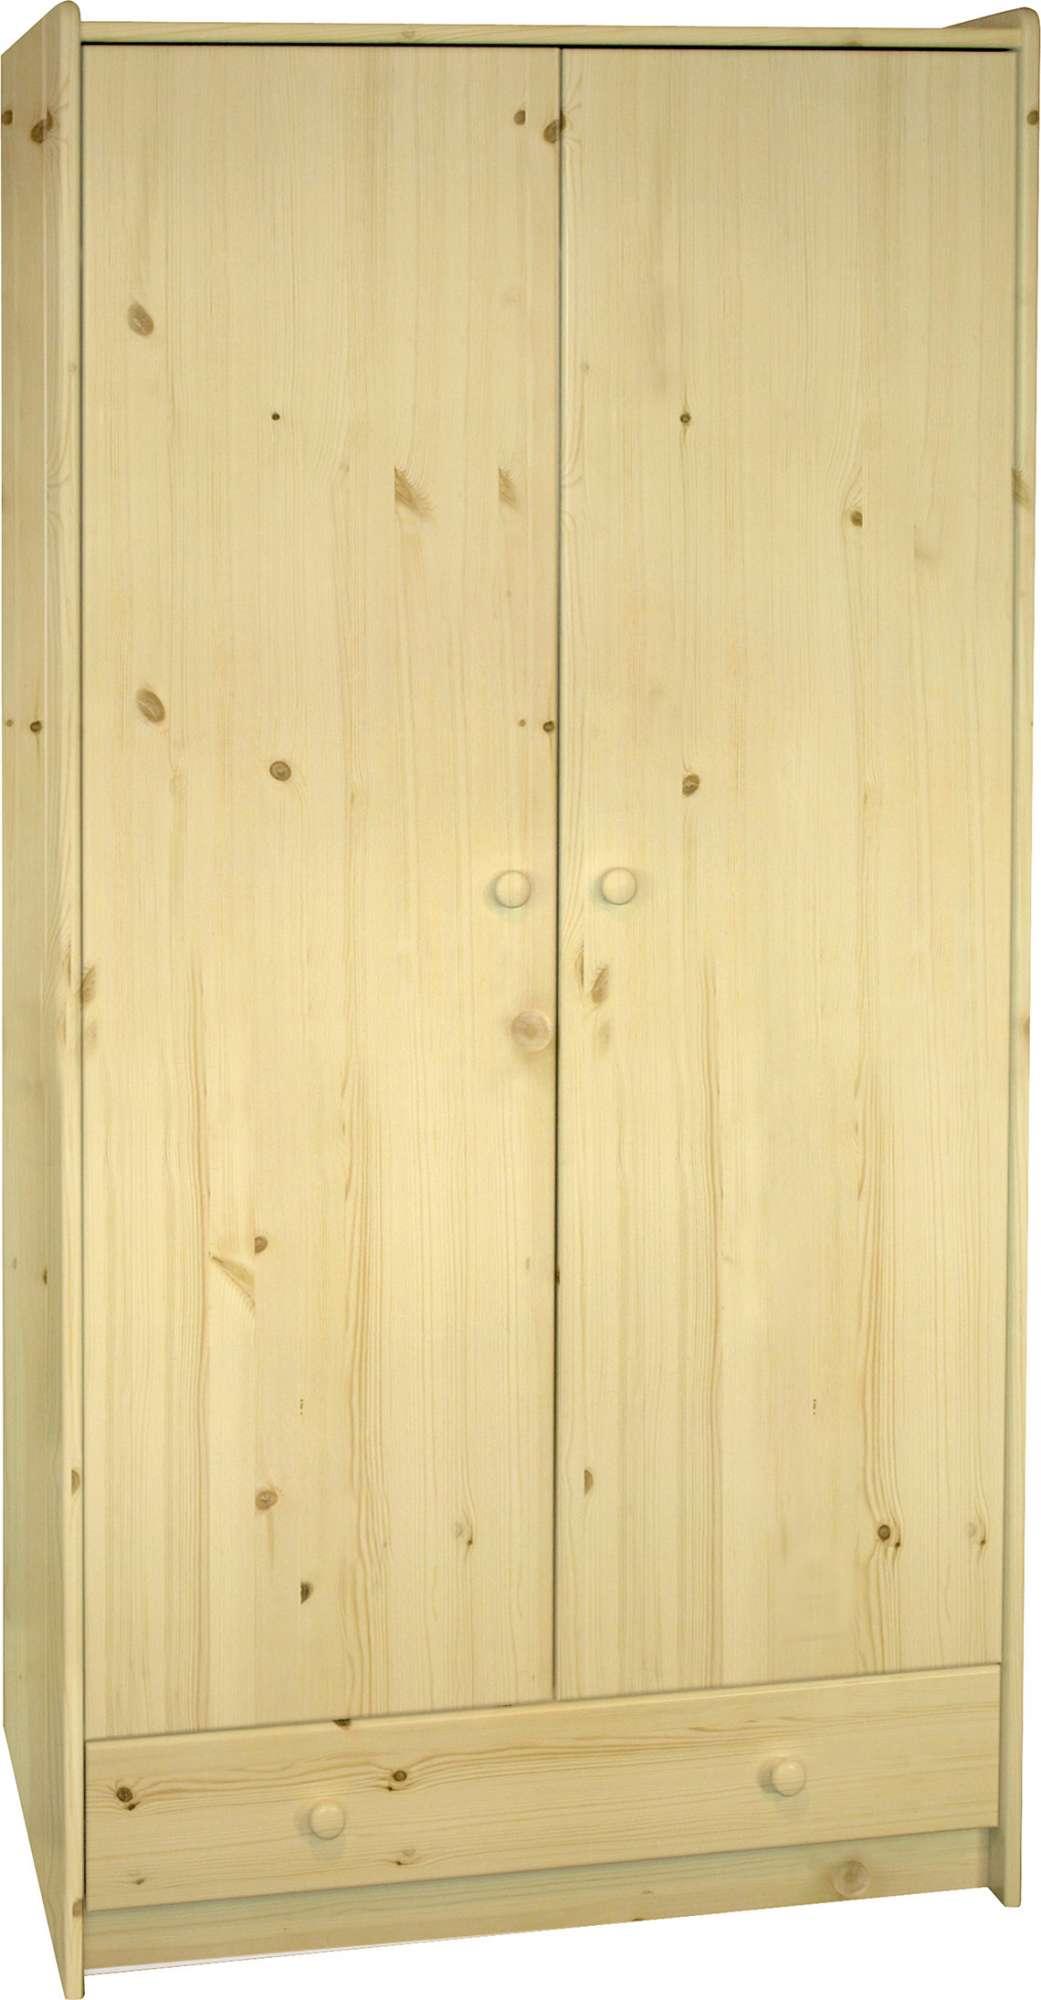 Šatní skříň z borovice Steens for Kids 100